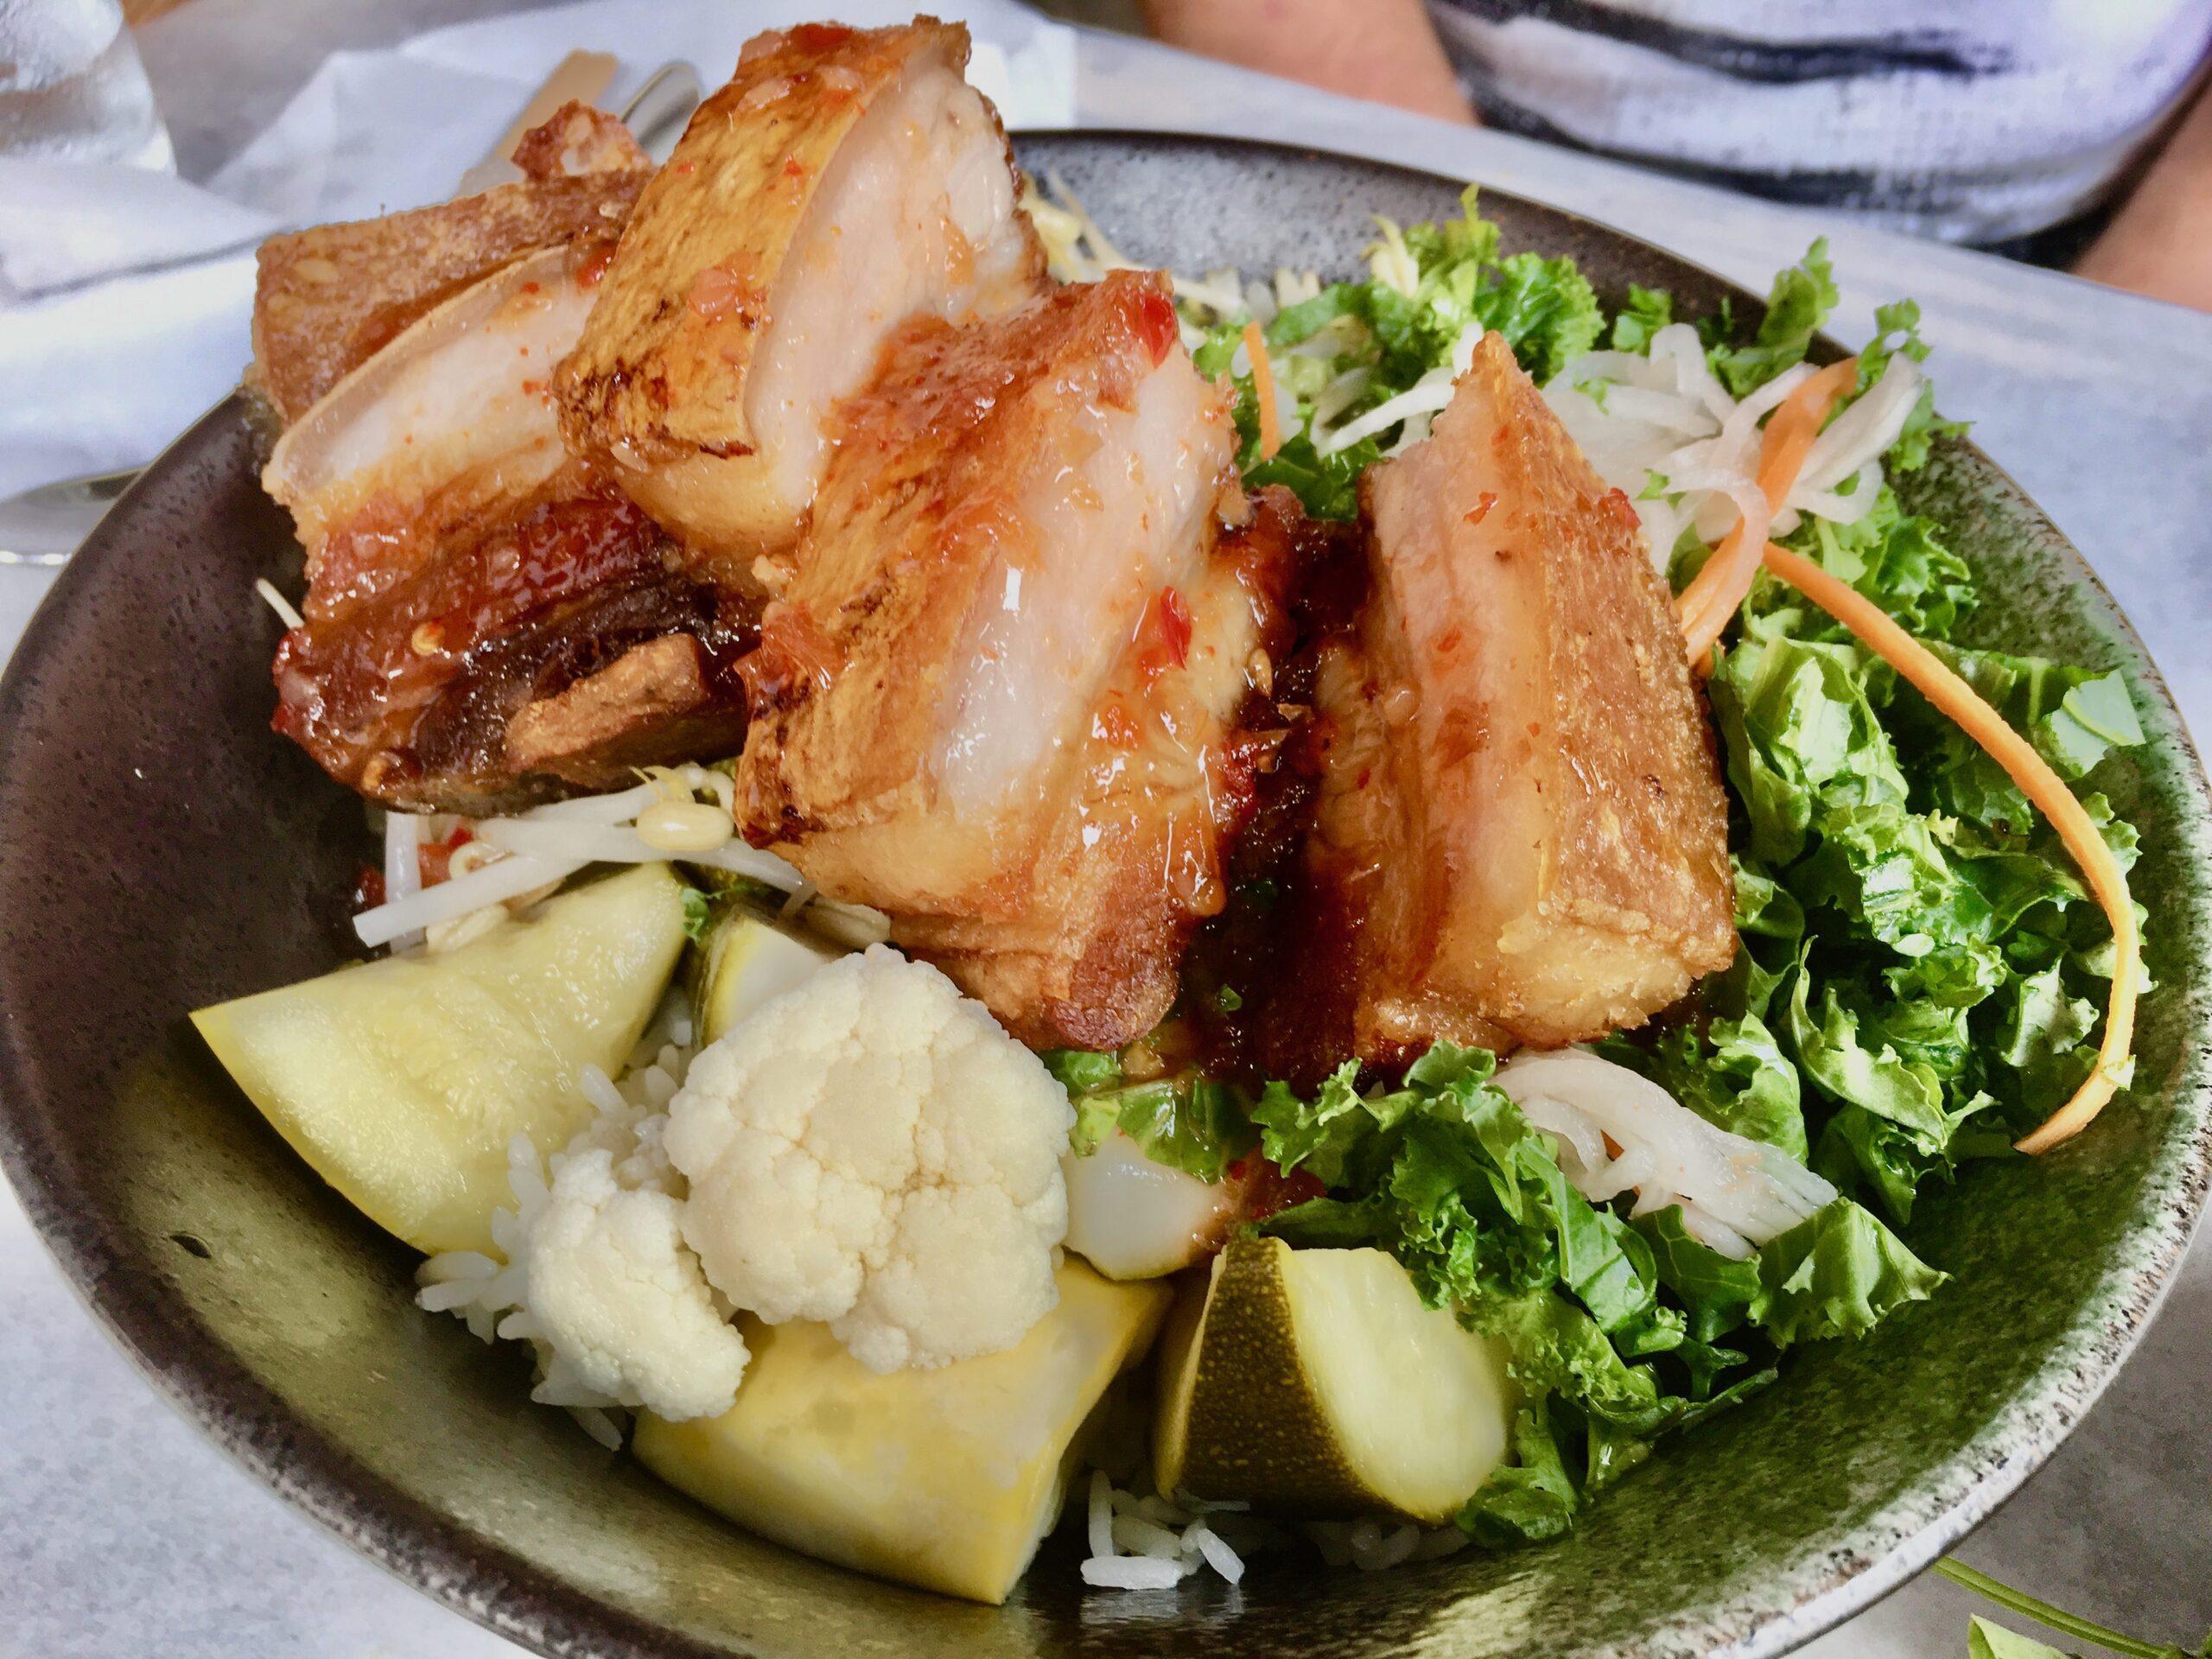 Laotian Food at Khe Yo, Tribeca, NYC